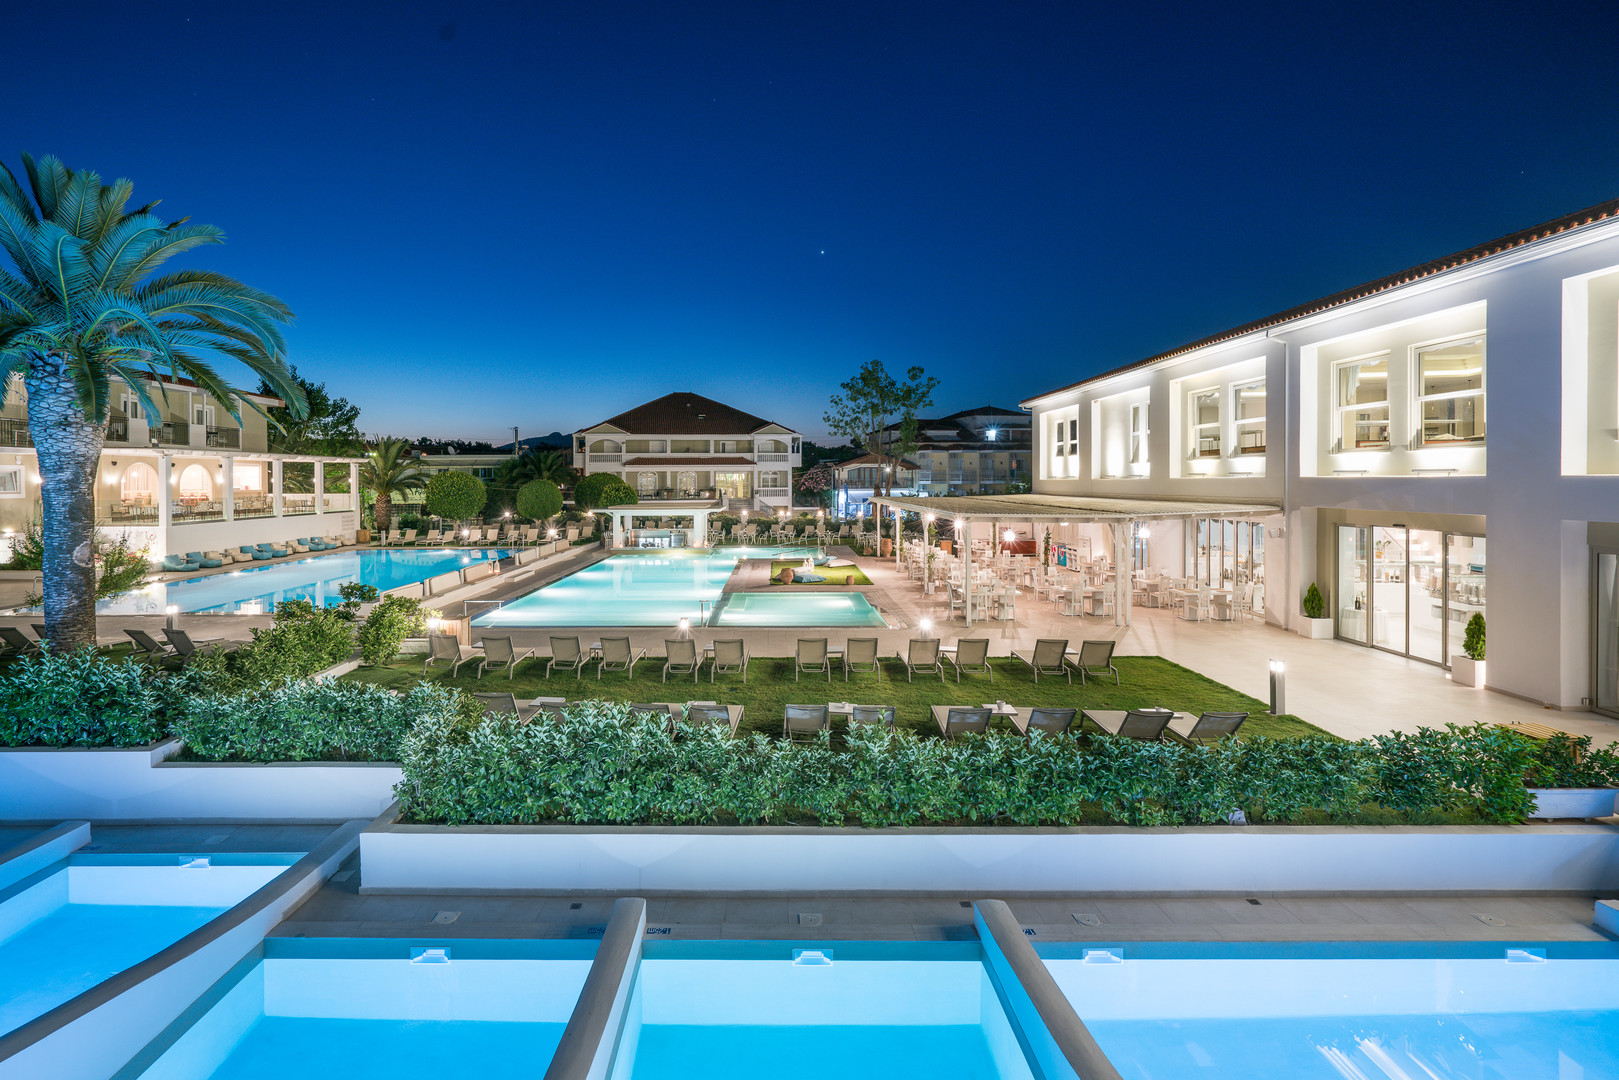 Hotel Zante Park Resort and Spa